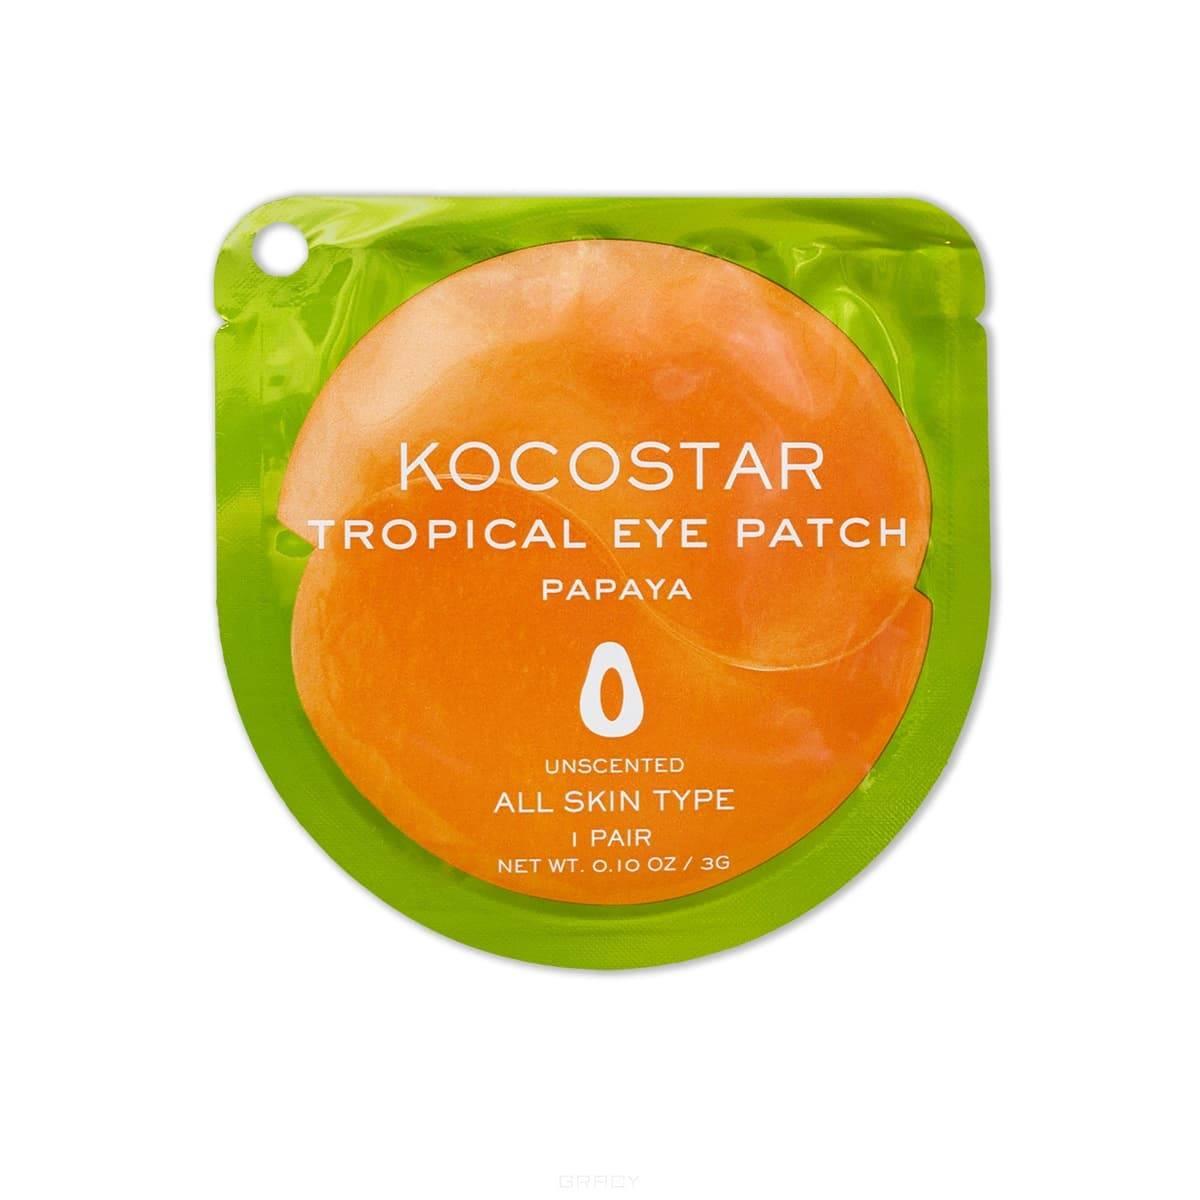 Купить Kocostar, Гидрогелевые патчи для глаз Тропические фрукты Папайя Tropical Eye Patch Papaya, 2 патча/1 пара, 3 гр